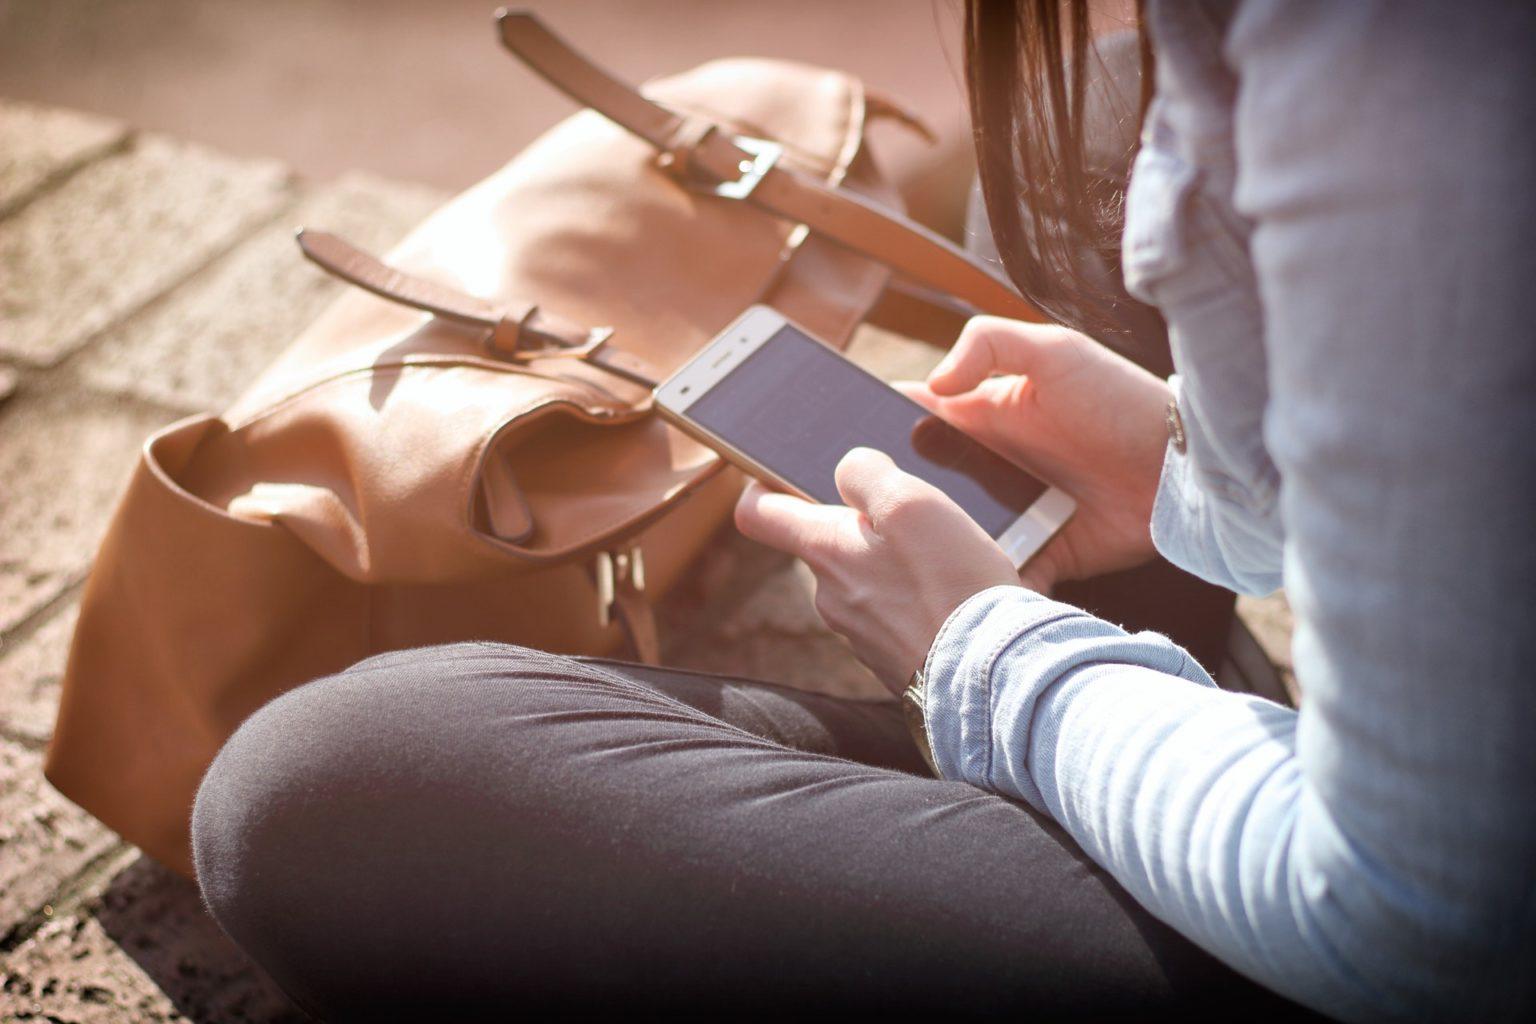 В США создали приложение, позволяющее пользователям управлять жизнями других людей и зарабатывать на этом деньги